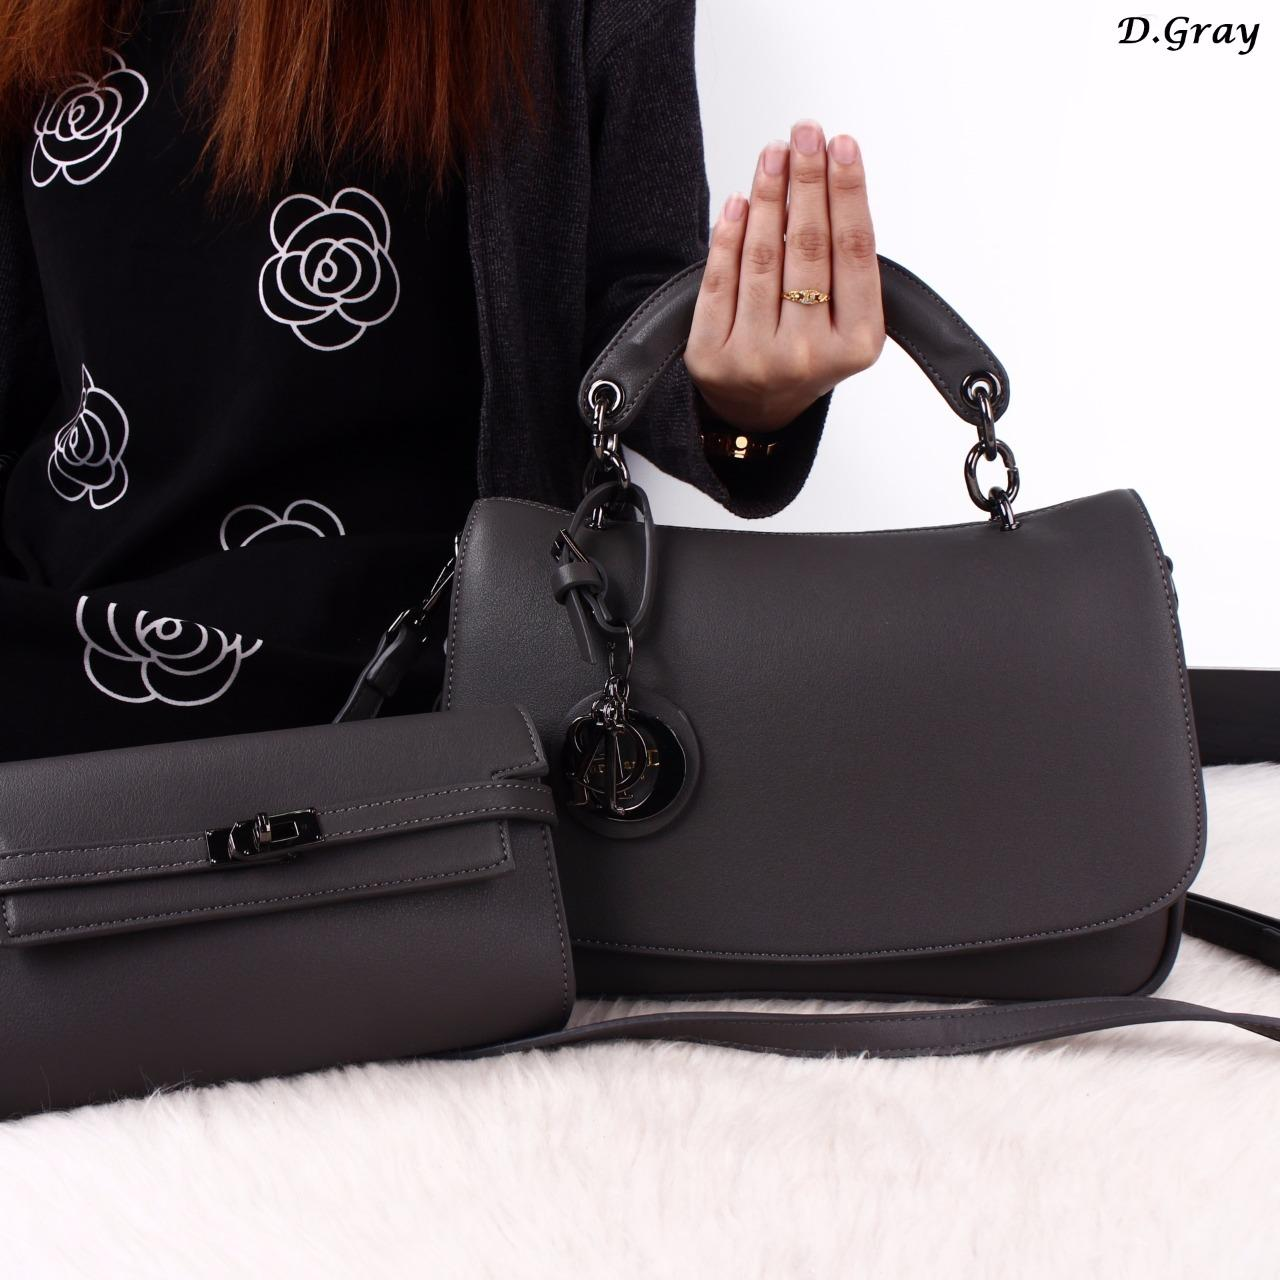 Kelebihan Tas Diorr 2in1 Dune Calfskin Leather Bags 47122 Gtb17 Vicria Branded Wanita High Quality Elegant Korean Bag Style Pink